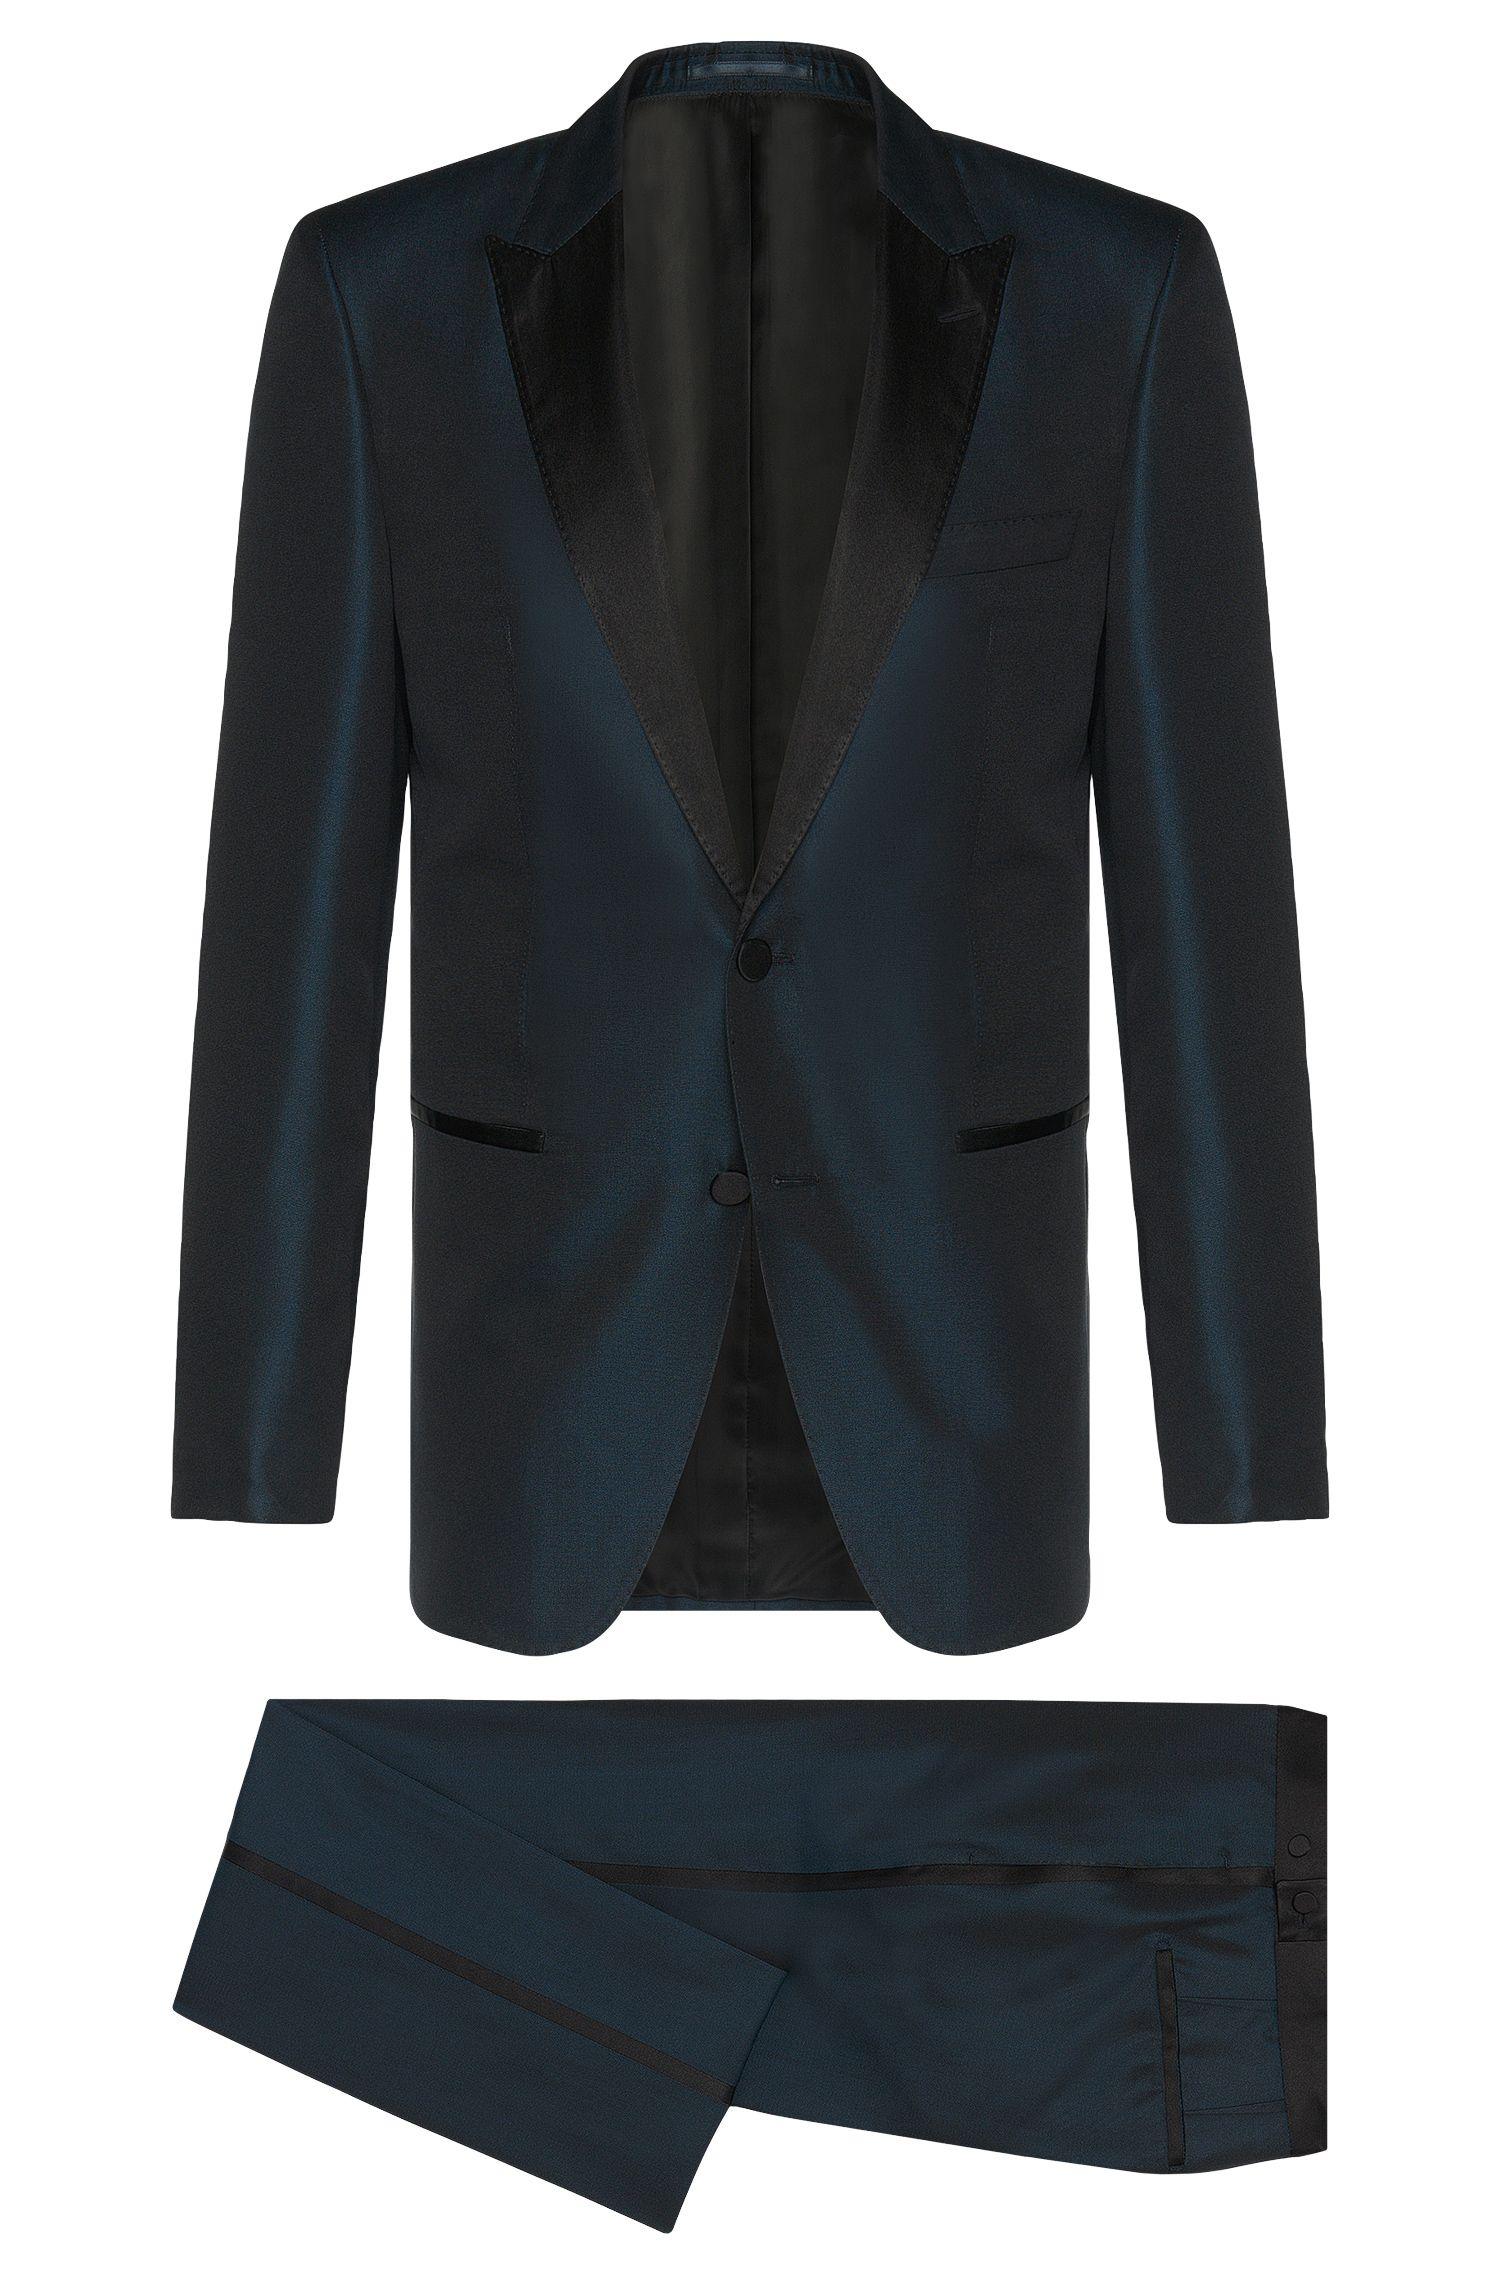 'T-Hampton/Glad'   Slim Fit, Italian Silk Iridescent Tuxedo